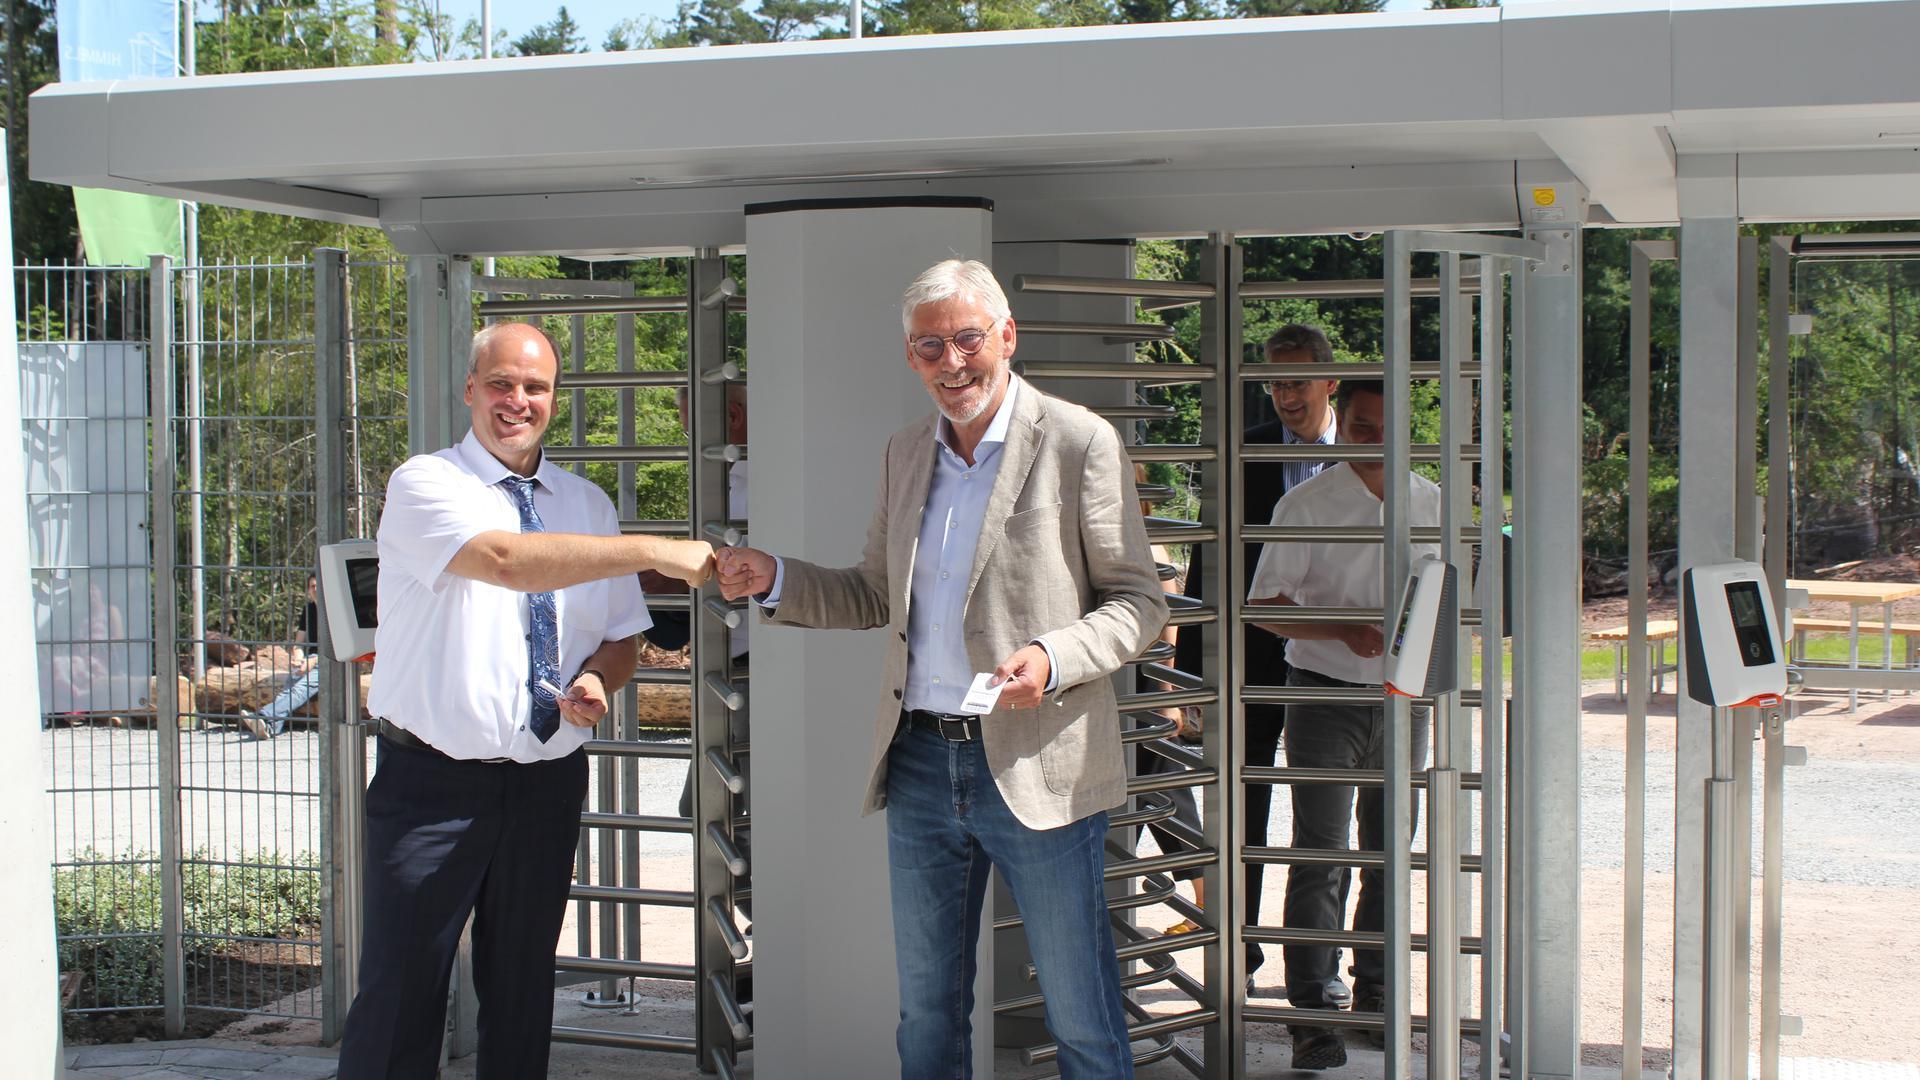 Prominente Gäste: Der Schömberger Bürgermeister Matthias Leyn und der Calwer Landrat Helmut Riegger am Eingang des frisch eingeweihten Aussichtsturms.